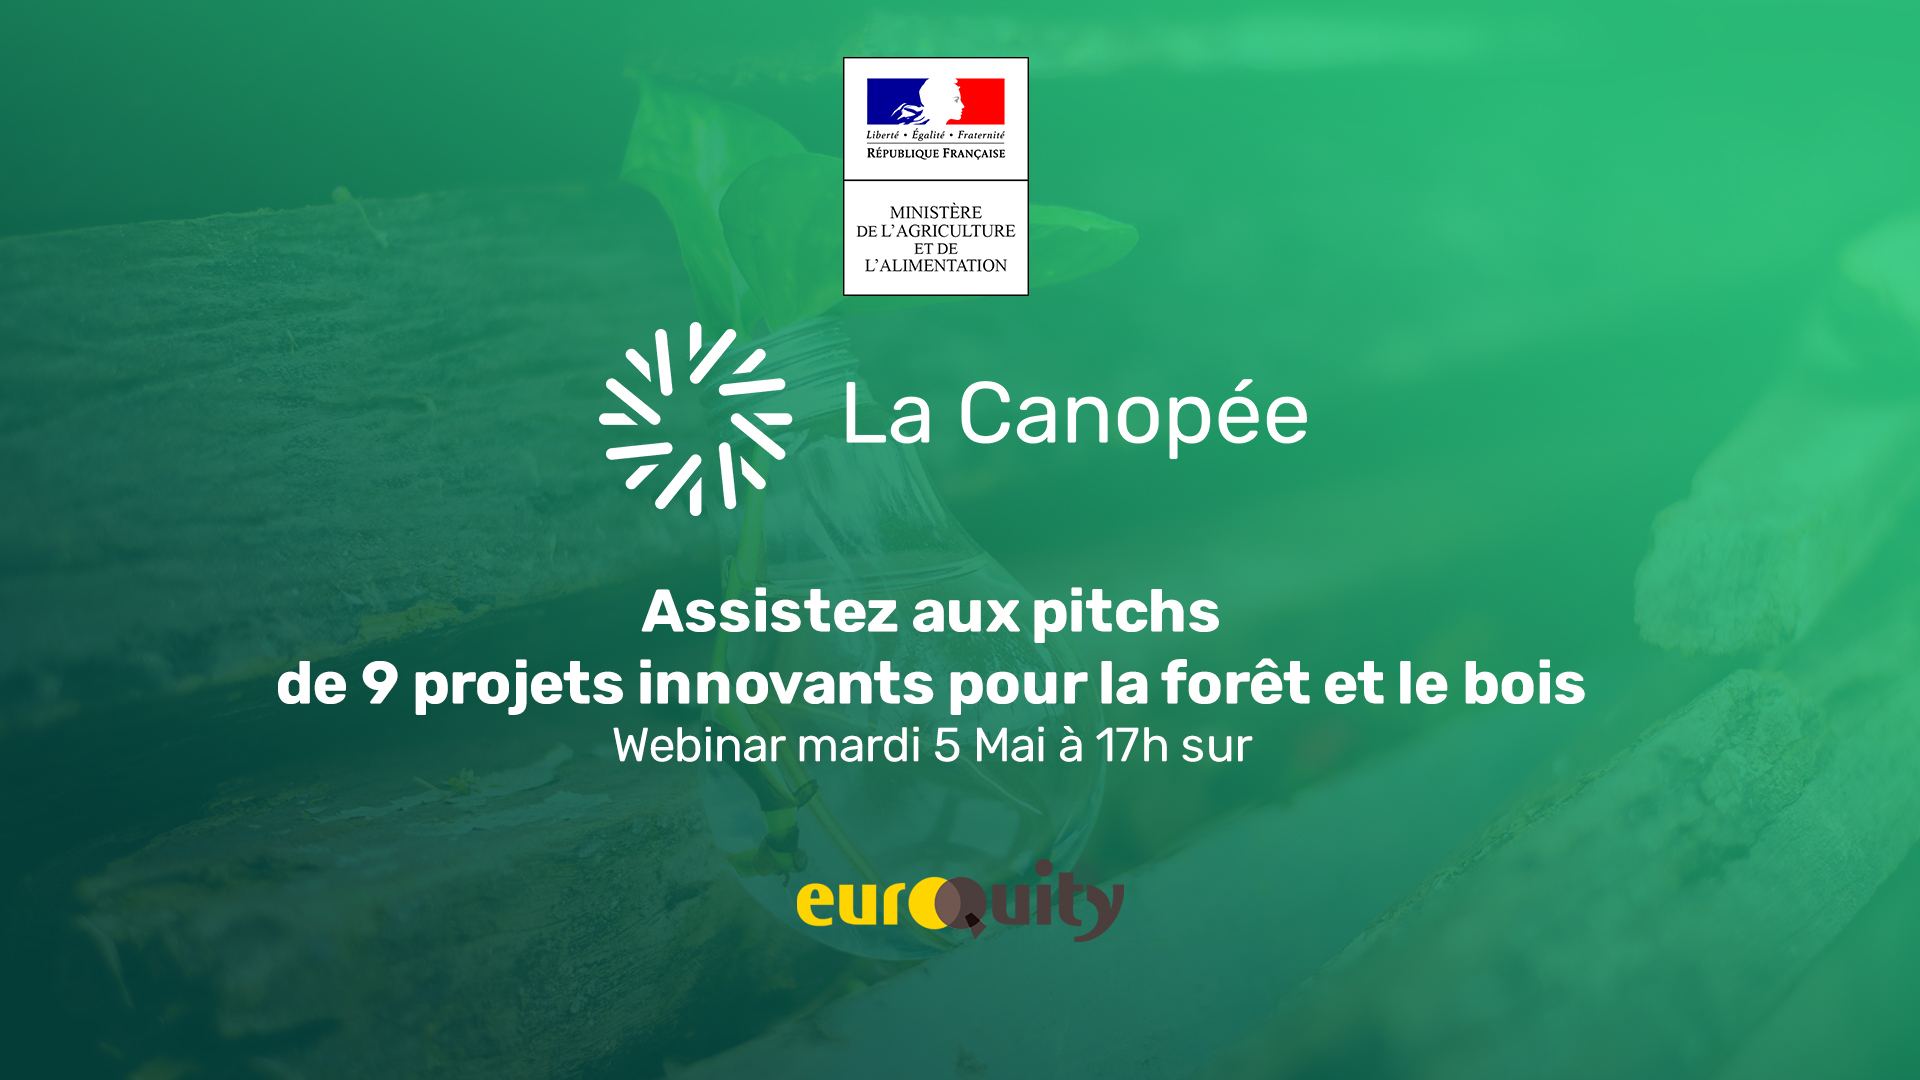 Mardi 5 mai à 17h - 9 projets innovants forêt-bois retenus pour le E-Pitch La Canopée?